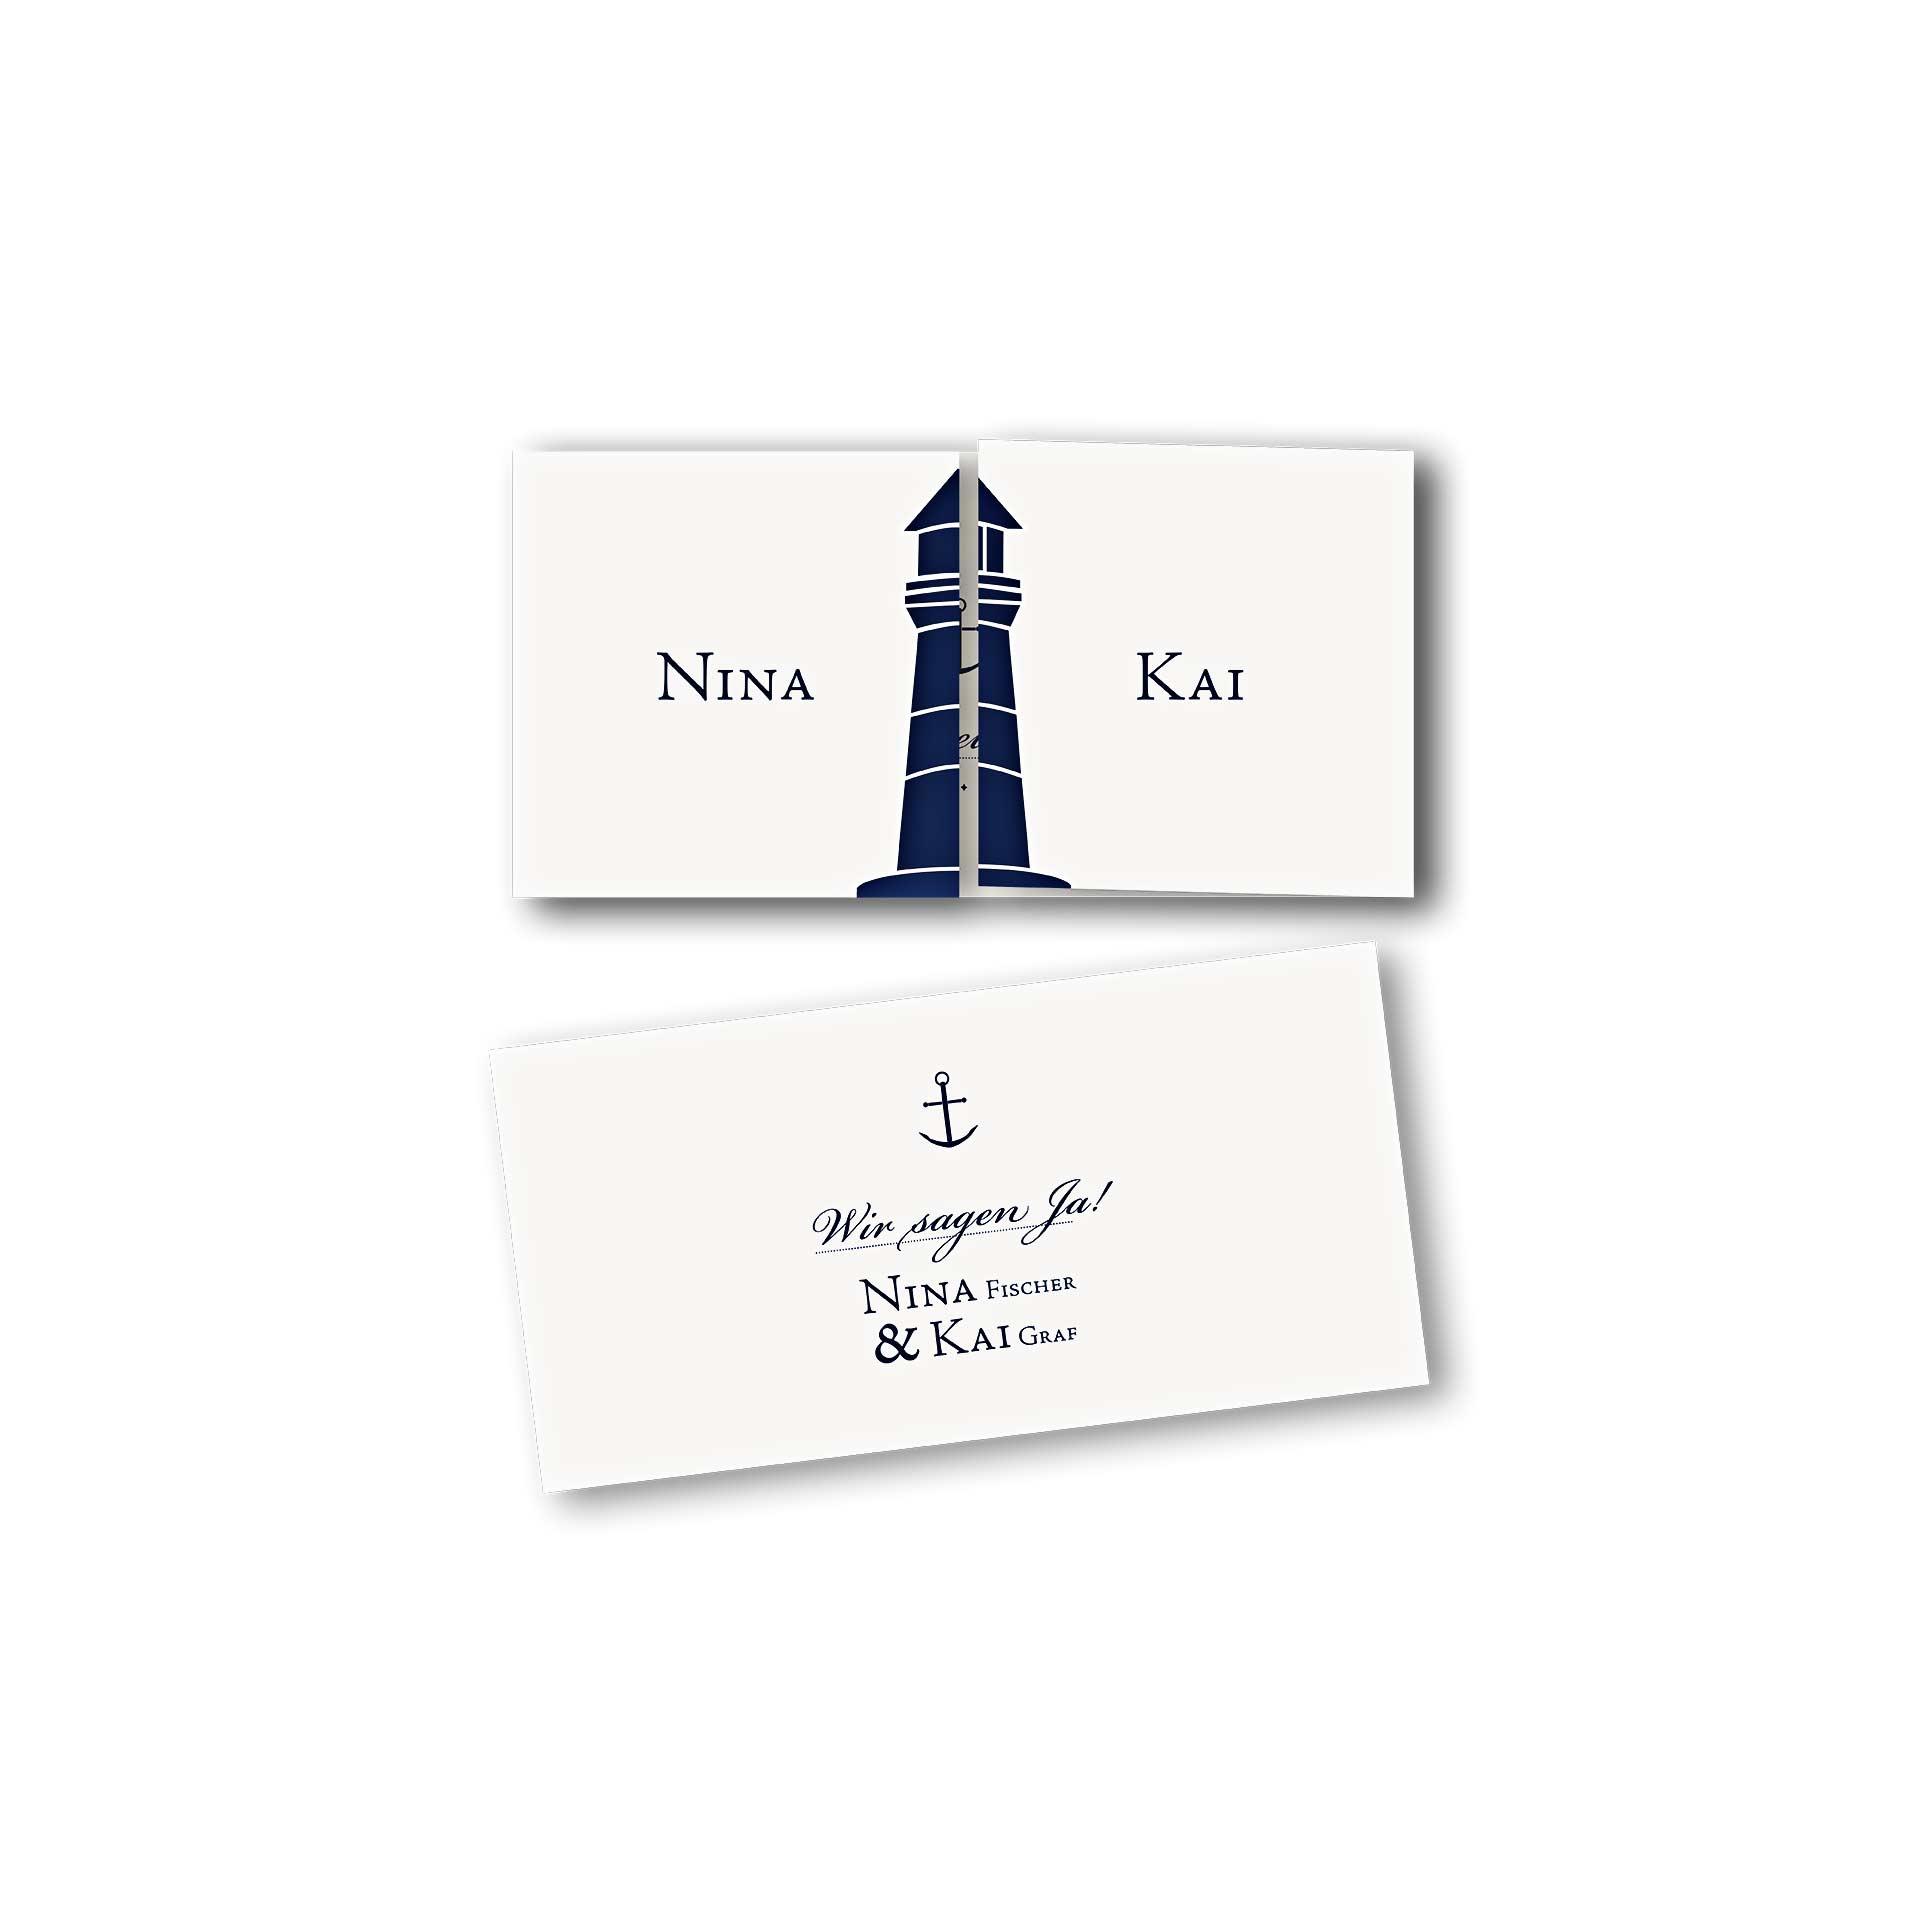 Originelle Hochzeitskarten Mit Altartfalz Für Ihren Schönsten Tag.    CHILIPFEFFERdesign Kartenmanufaktur